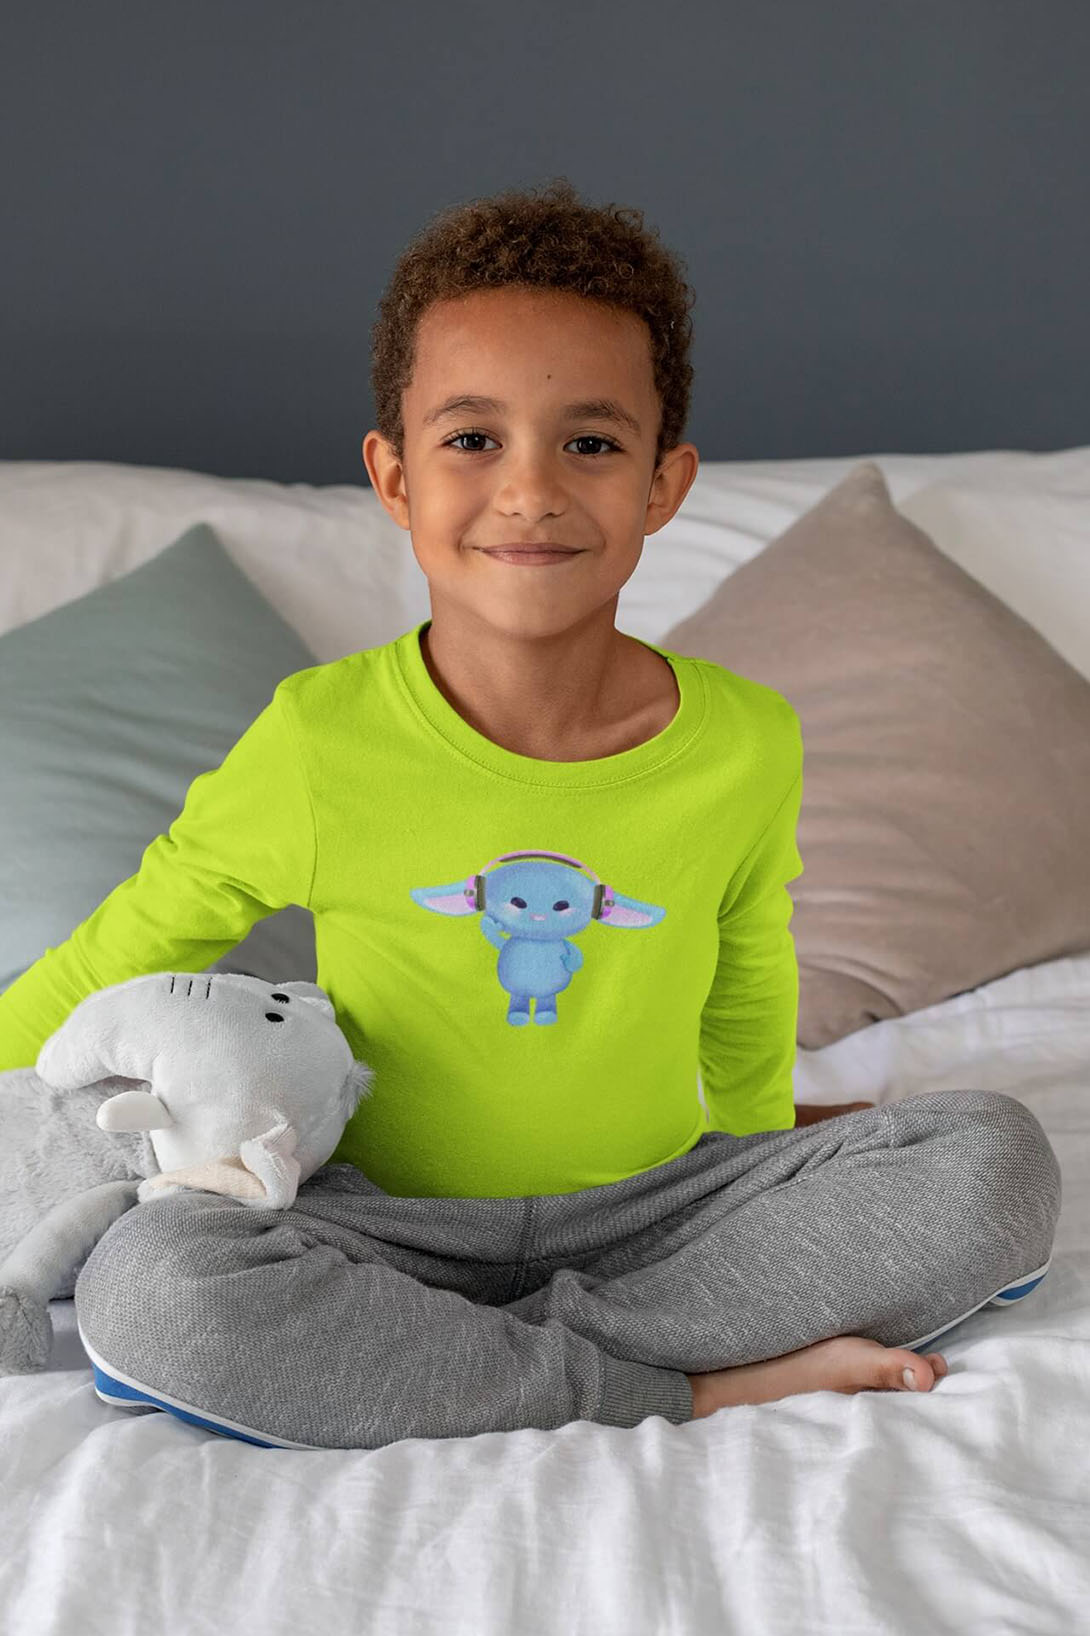 MMO Detské tričko s dlhým rukávom Zajac so slúchadlami Vyberte farbu:: Limetková, Detská veľkosť: 122/6 rokov